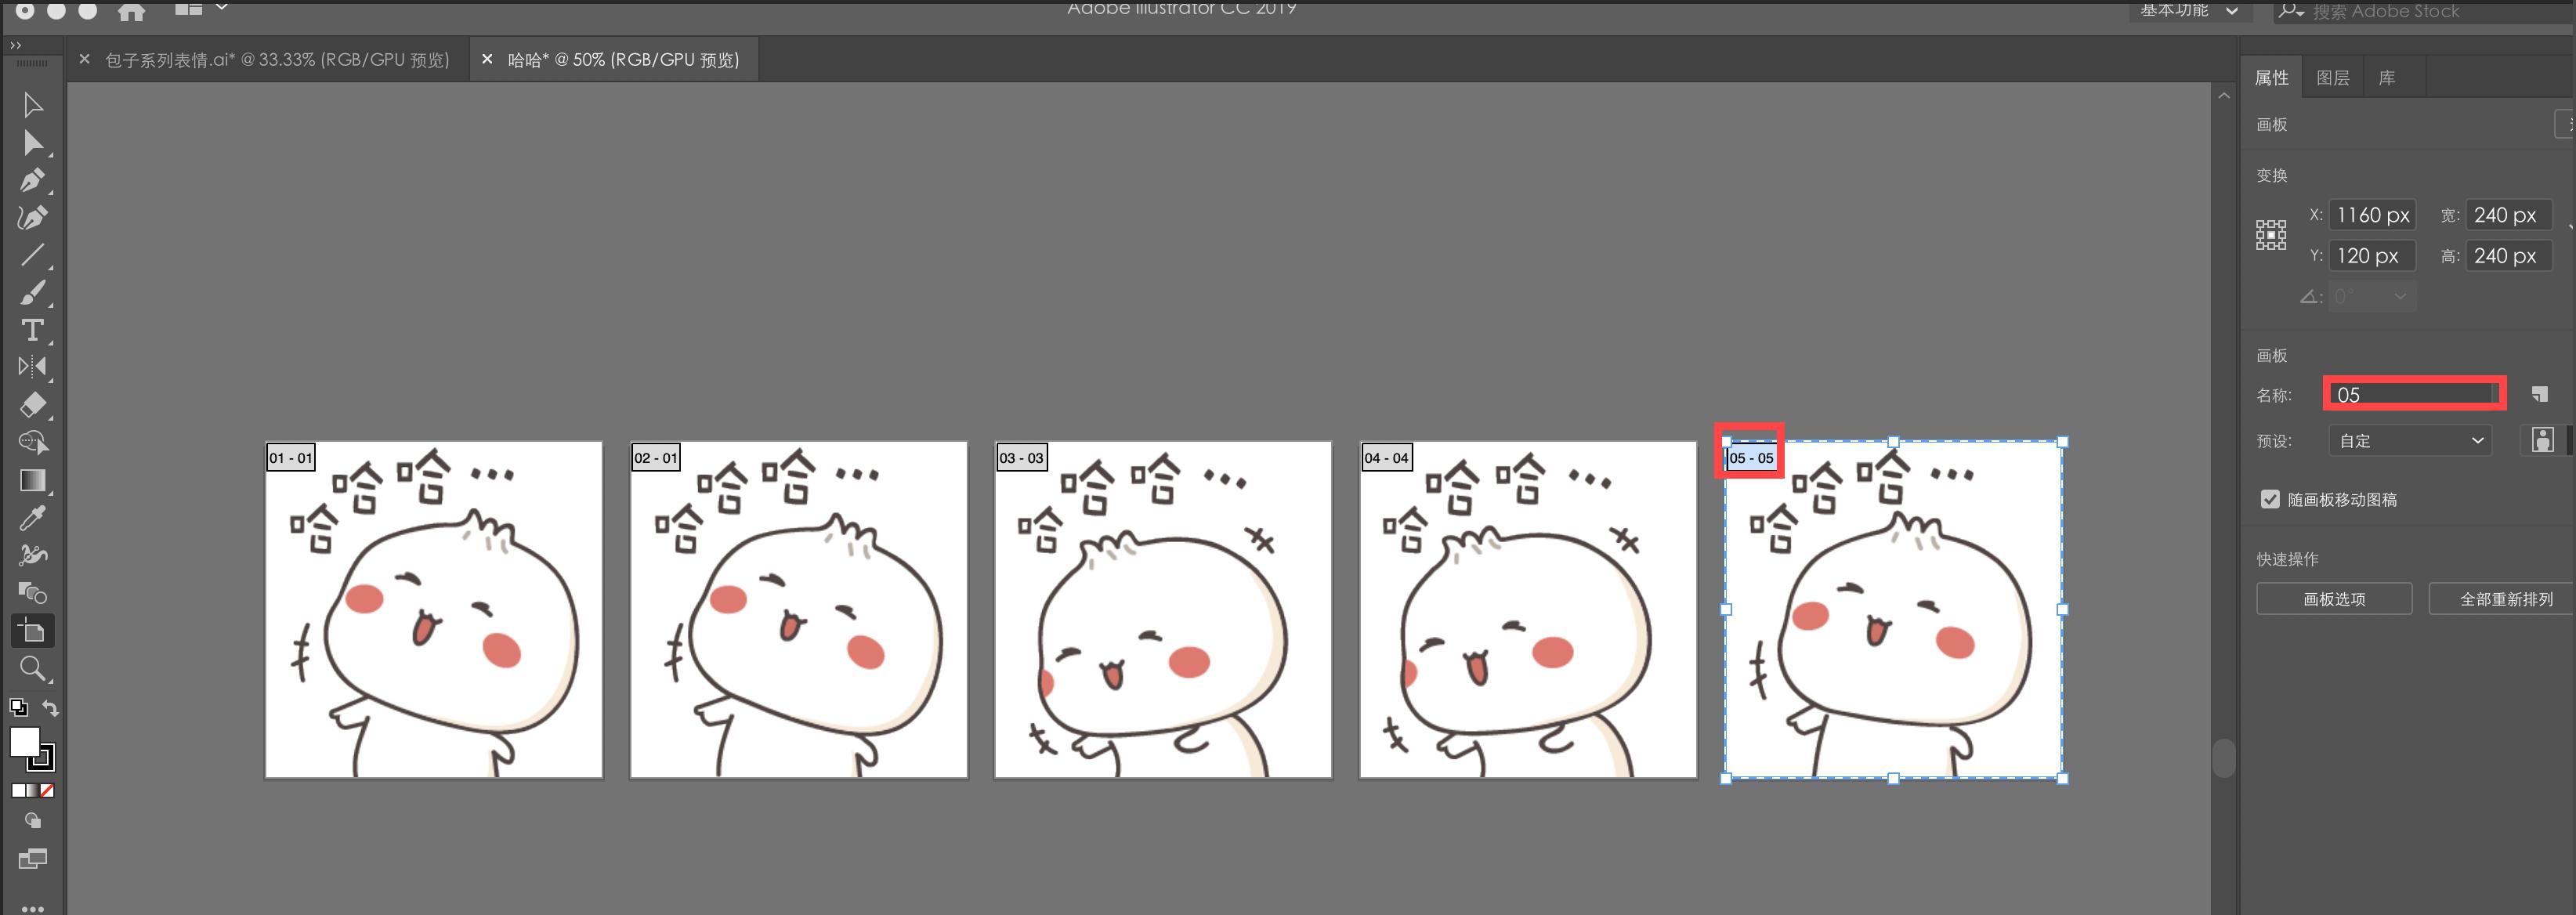 微信动态v动态表情cristina表情包秘籍图片